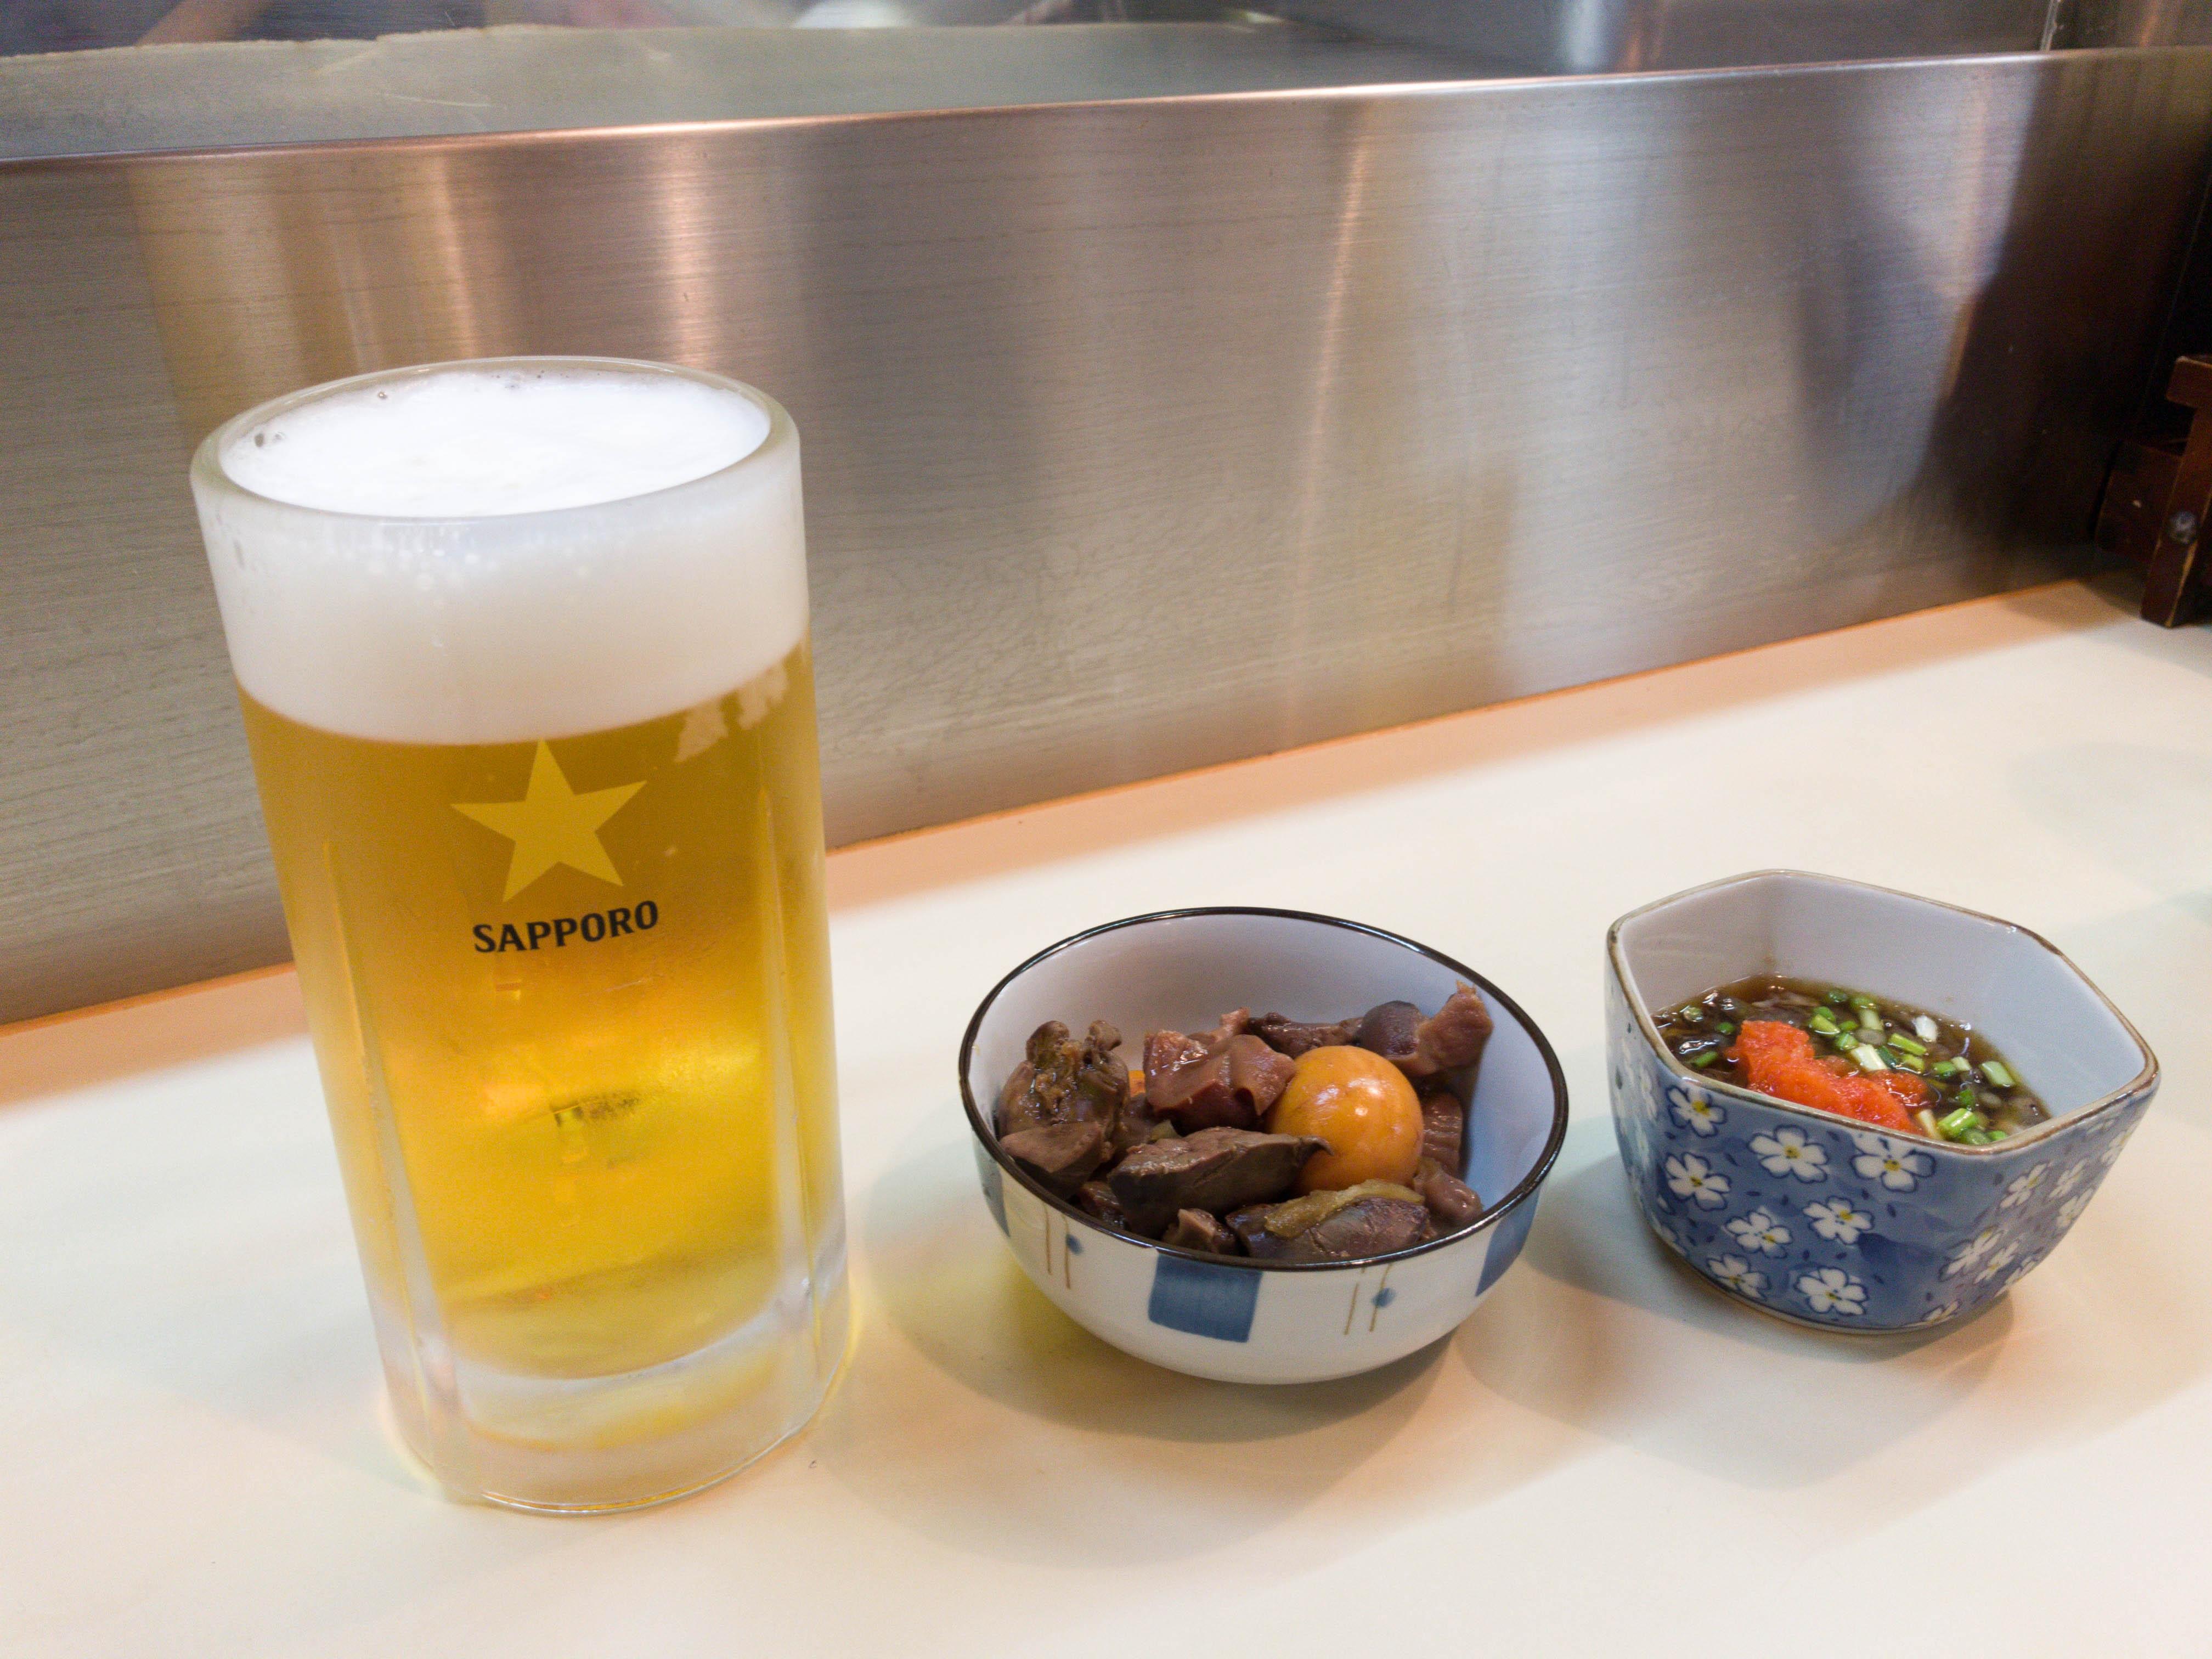 しるの店 おふくろ(香川県高松市瓦町)高松での初飲みは食事良し雰囲気良しのお店でした!